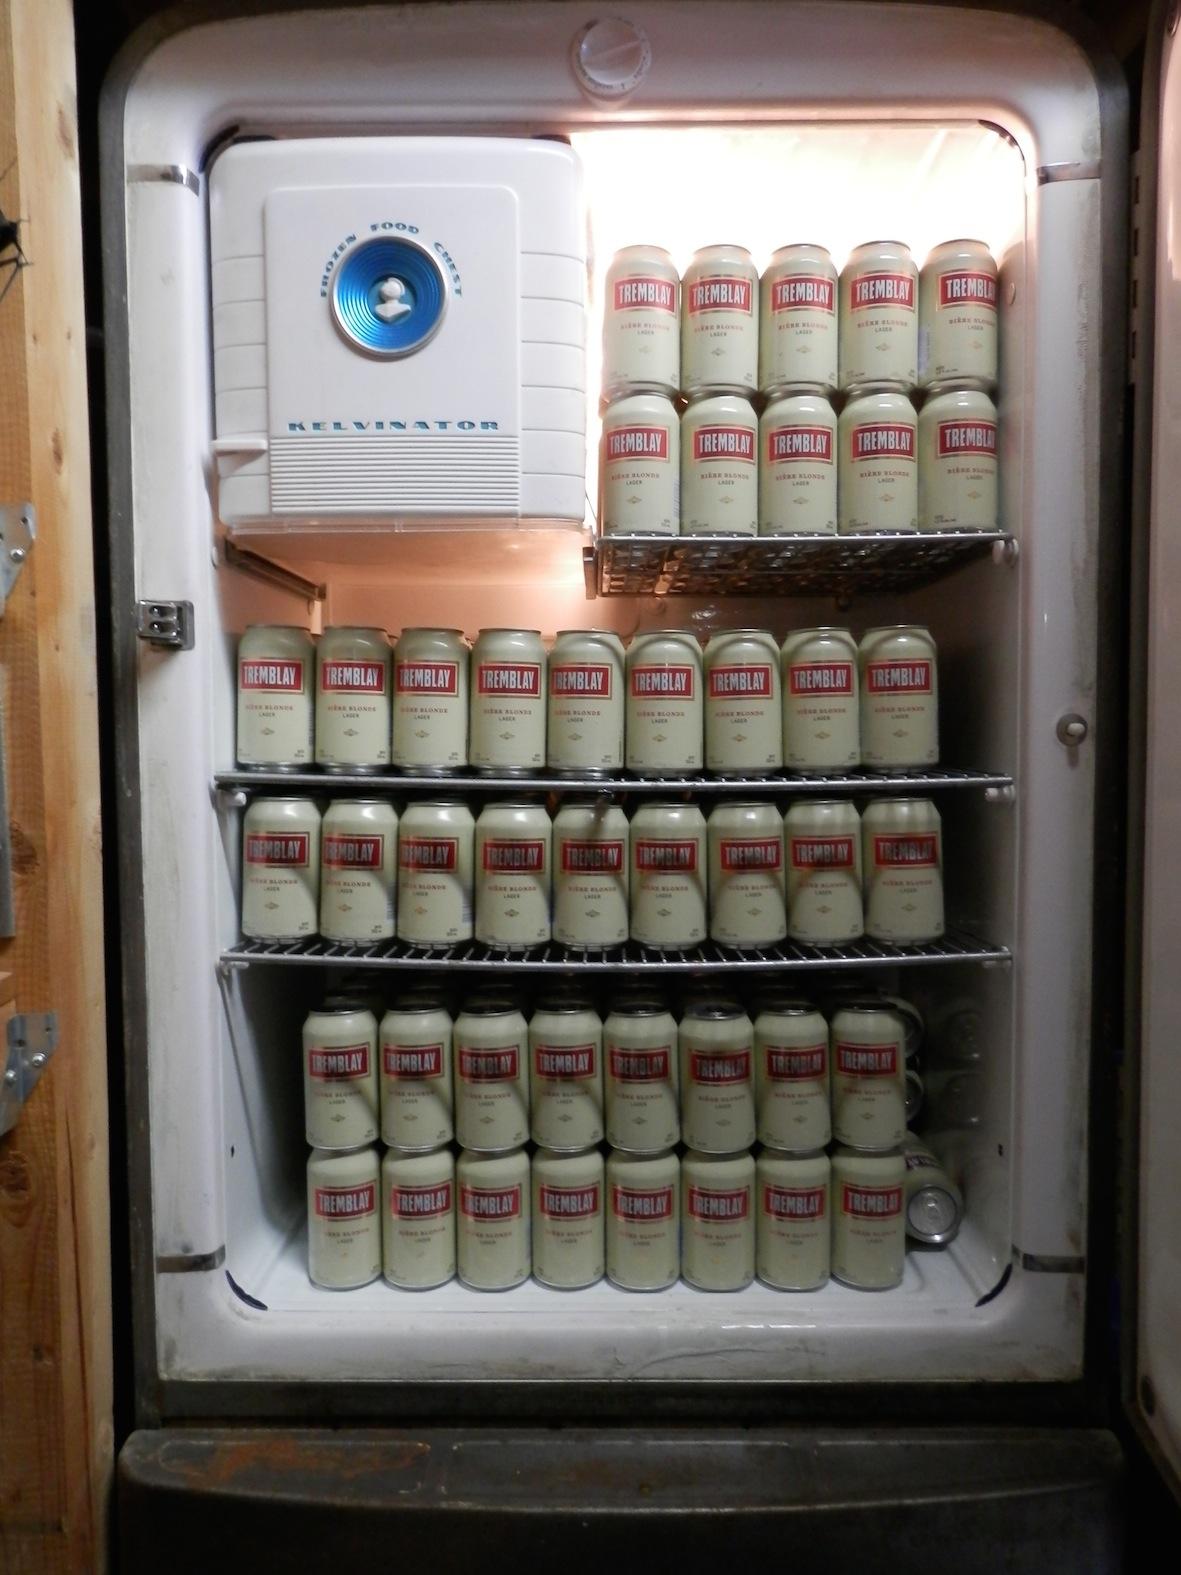 le fridge...............